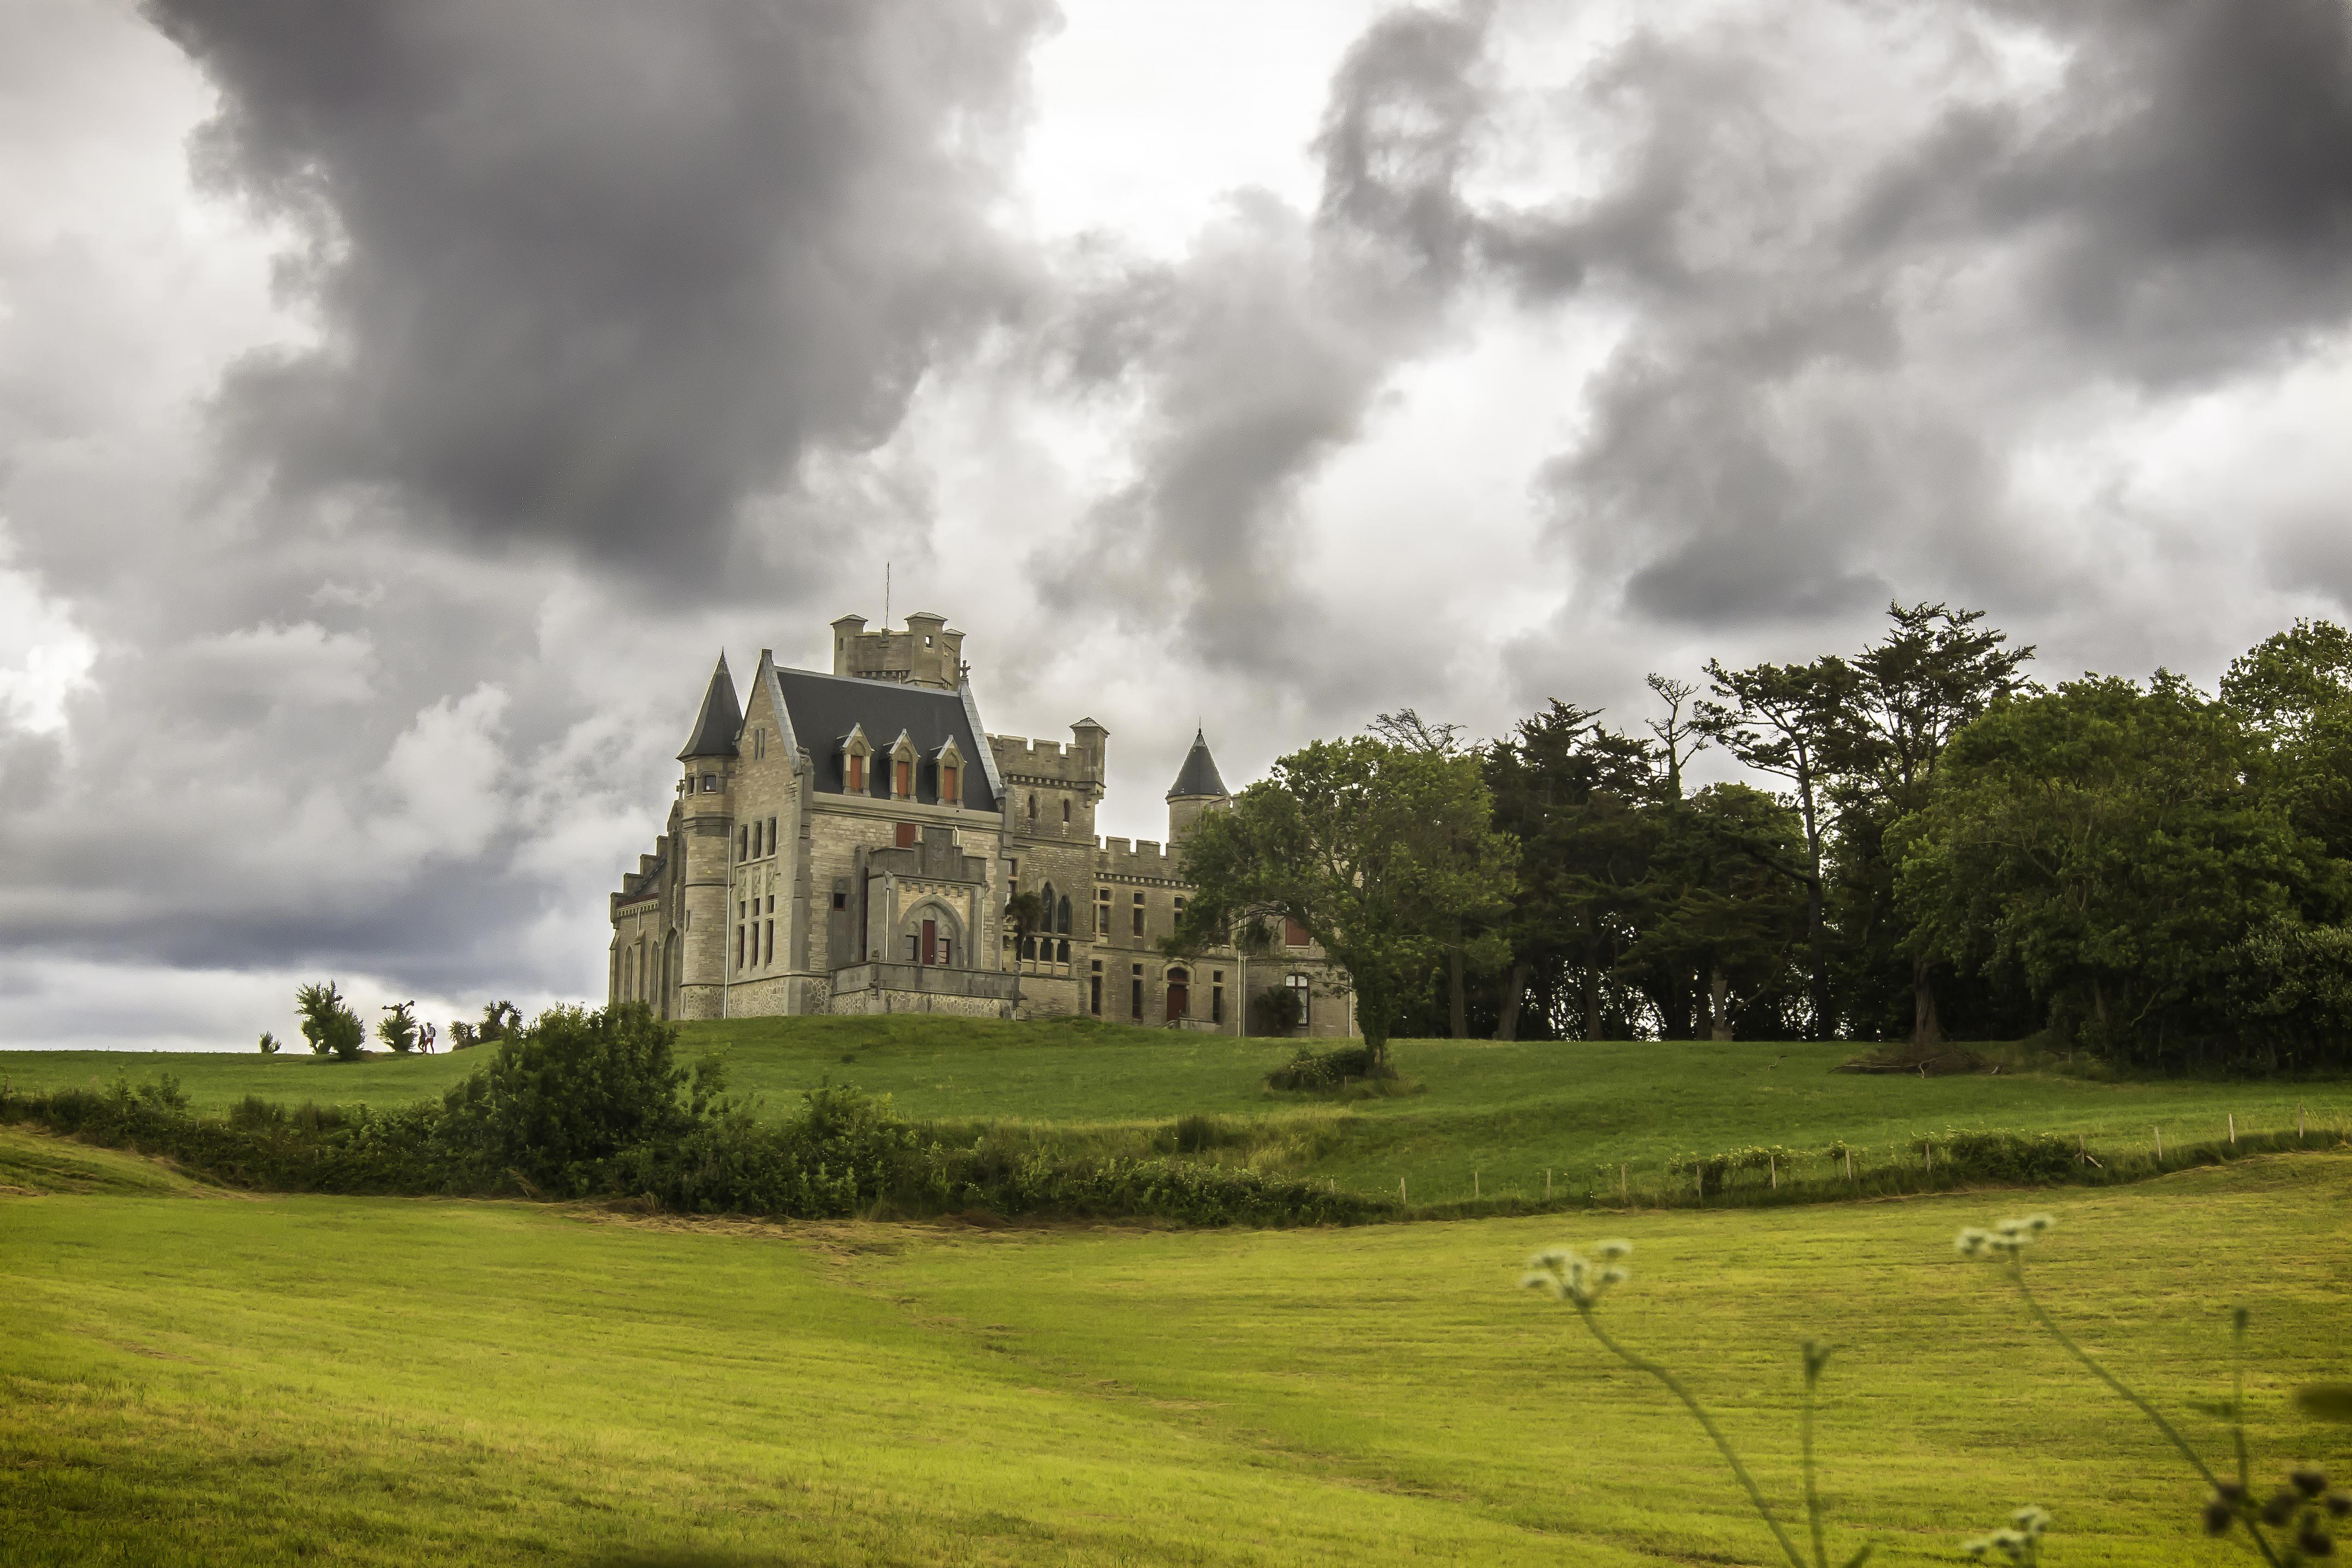 Un Chateau Dans Les Nuages free images : landscape, grass, cloud, sky, field, lawn